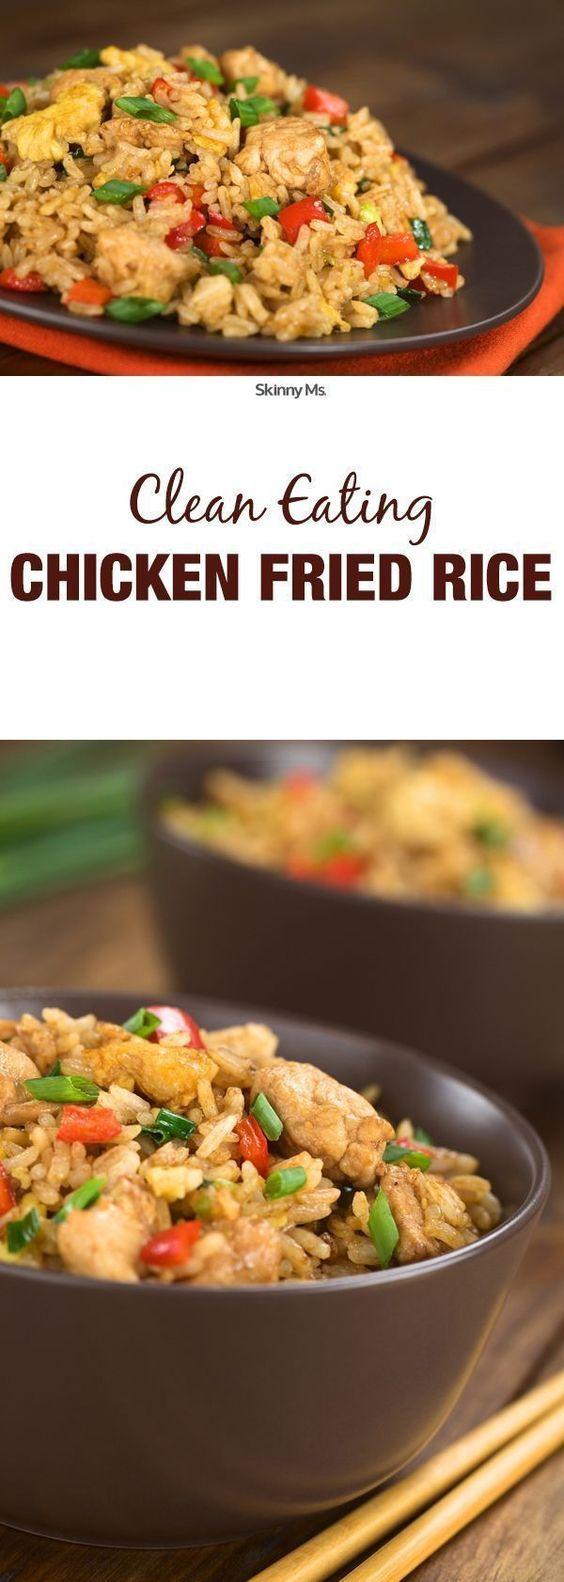 Clean Eating Chicken Fried Rice #chicken #chickenrecipes #chickenfriedrice #friedrice #lunchideas #lunchrecipes